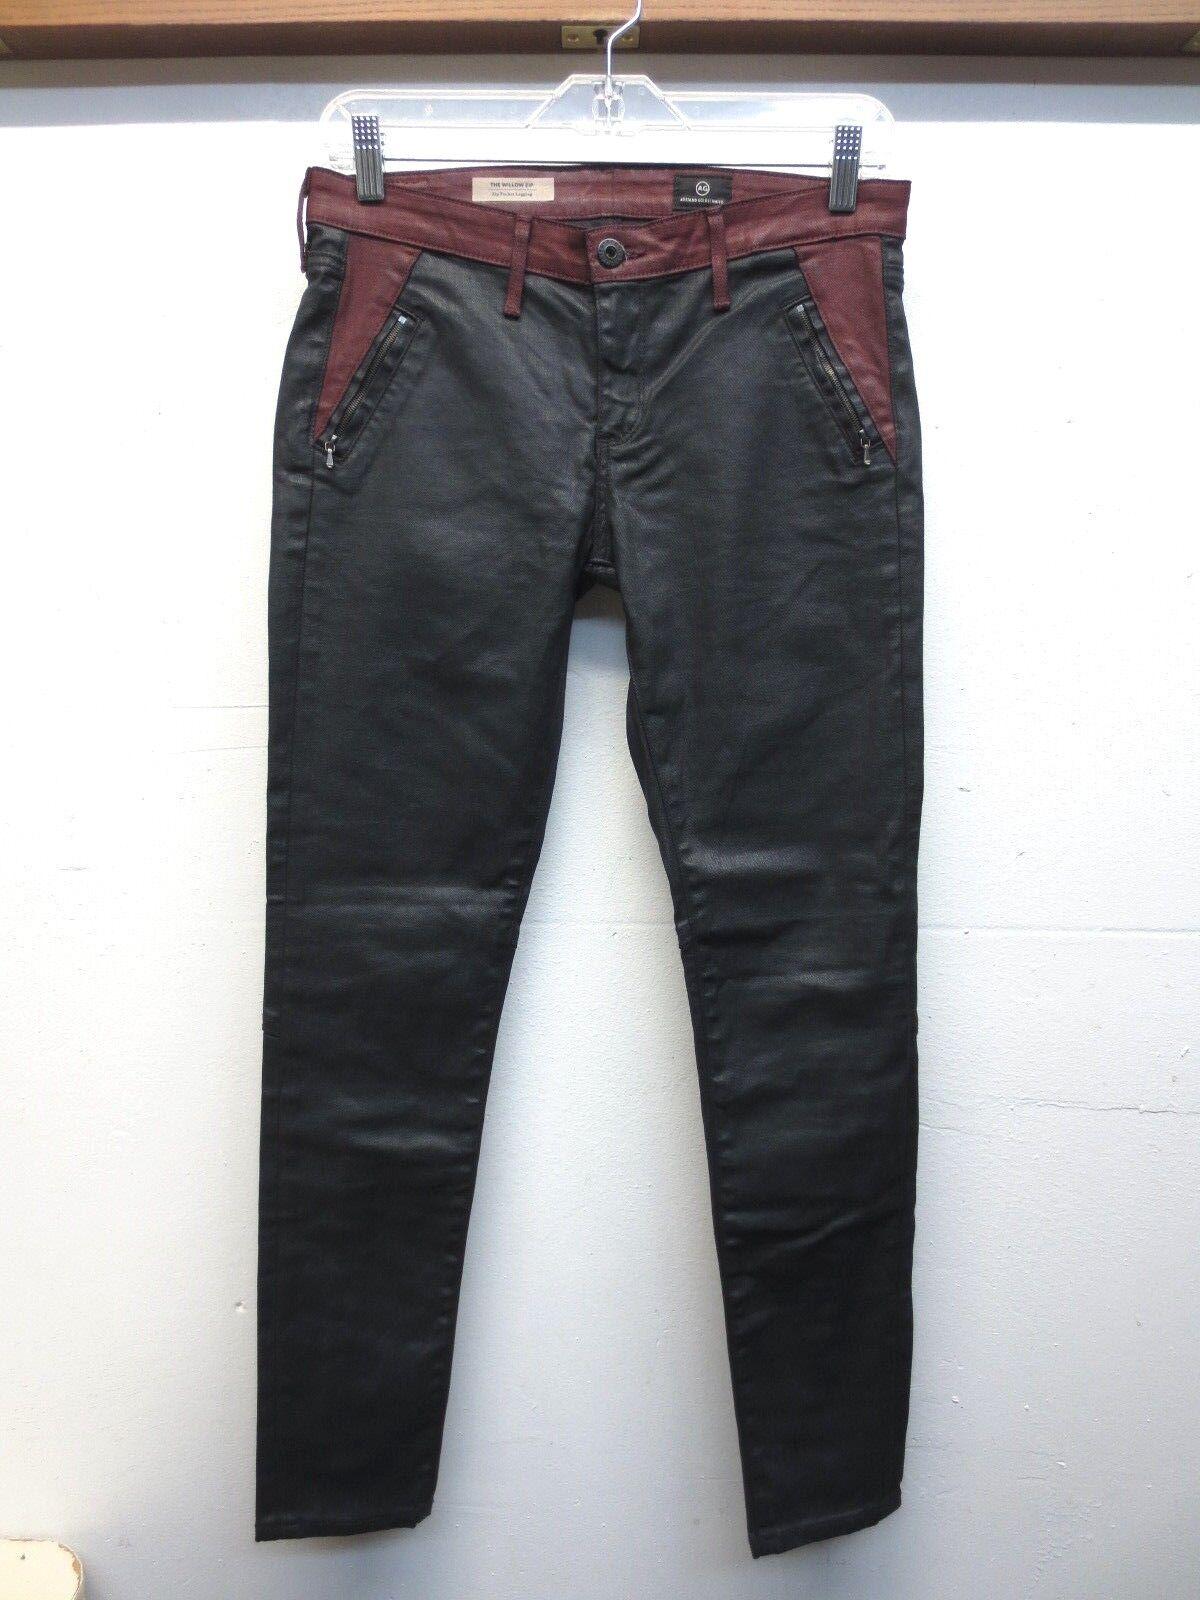 Excellent état utilisé Adriano orschmied The WilFaible Zip Leggings Jeans Enduit Zip Bottines Taille 28R